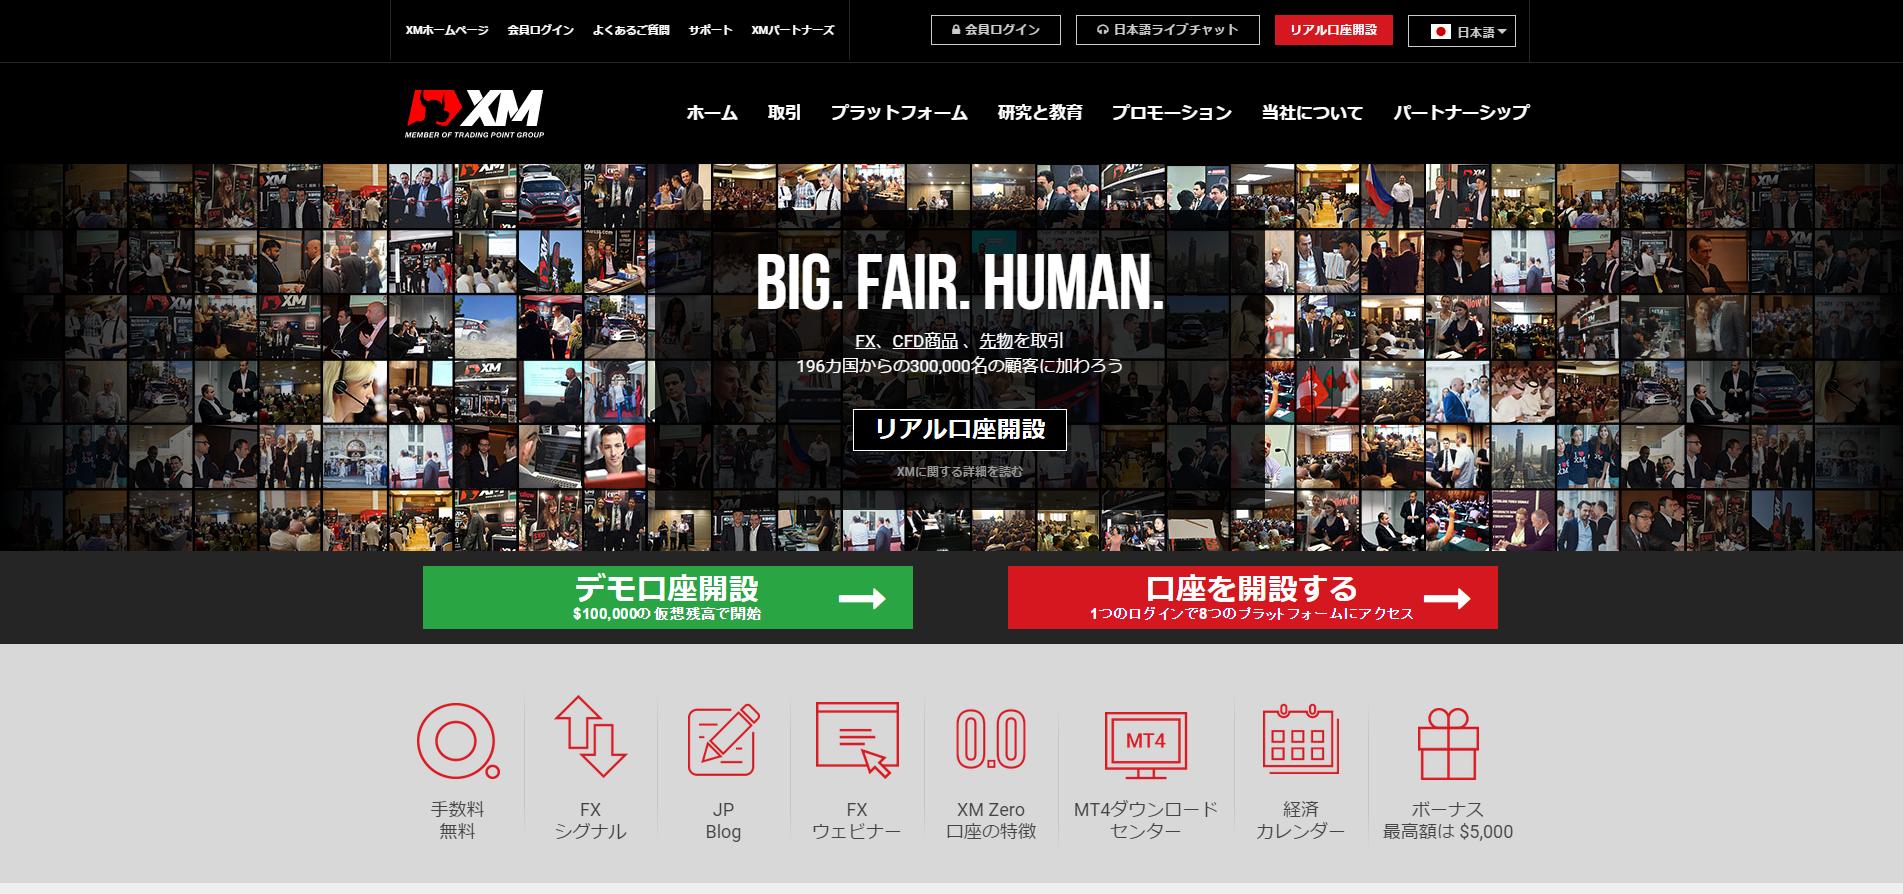 海外FX業者のXM Trading公式サイト